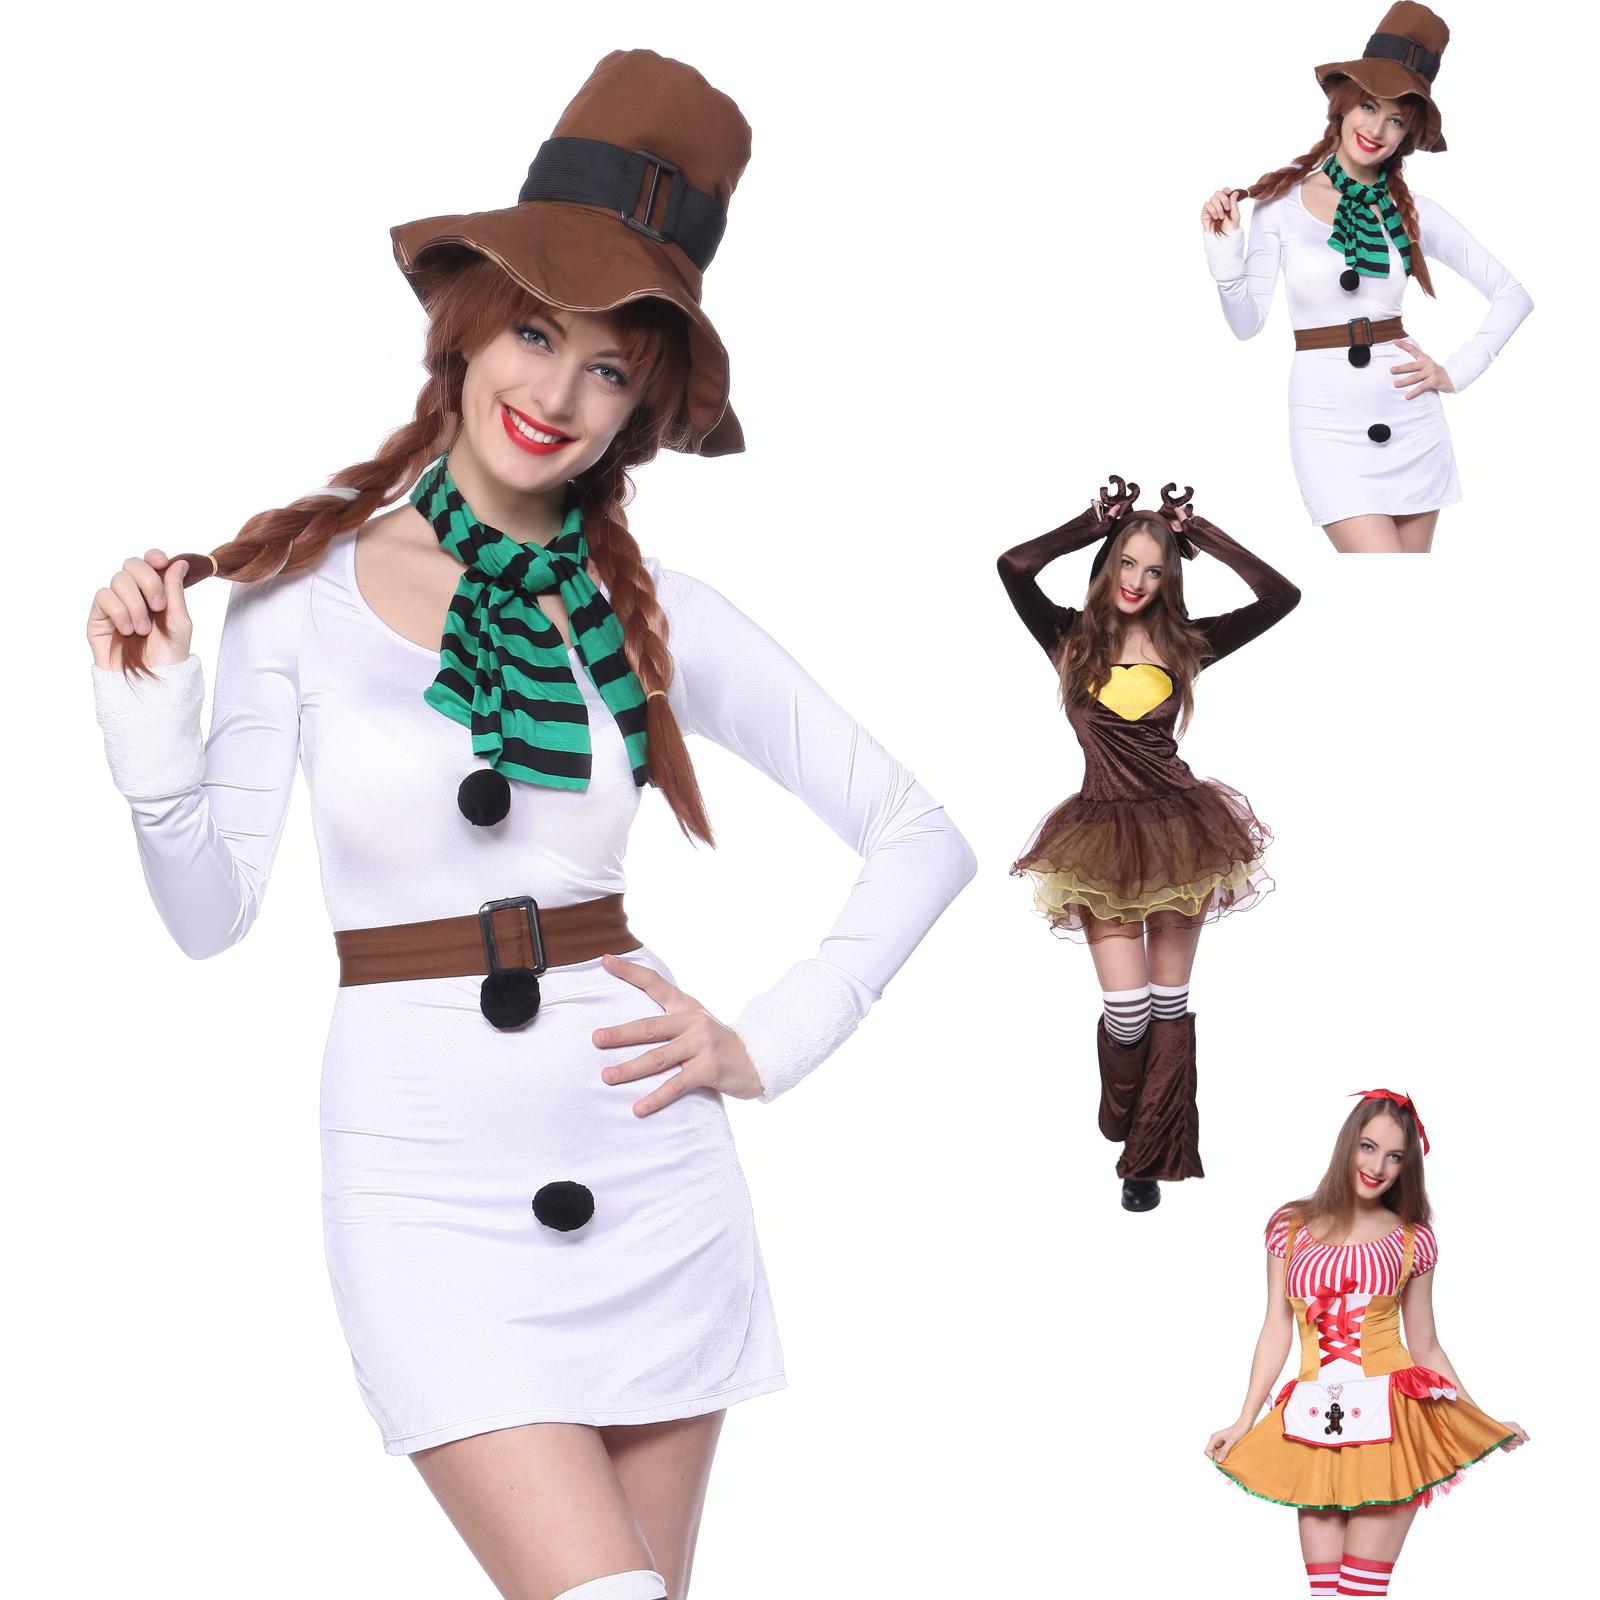 costume deguisement bonhomme cerf serveuse noel carnaval halloween femme fille ebay. Black Bedroom Furniture Sets. Home Design Ideas